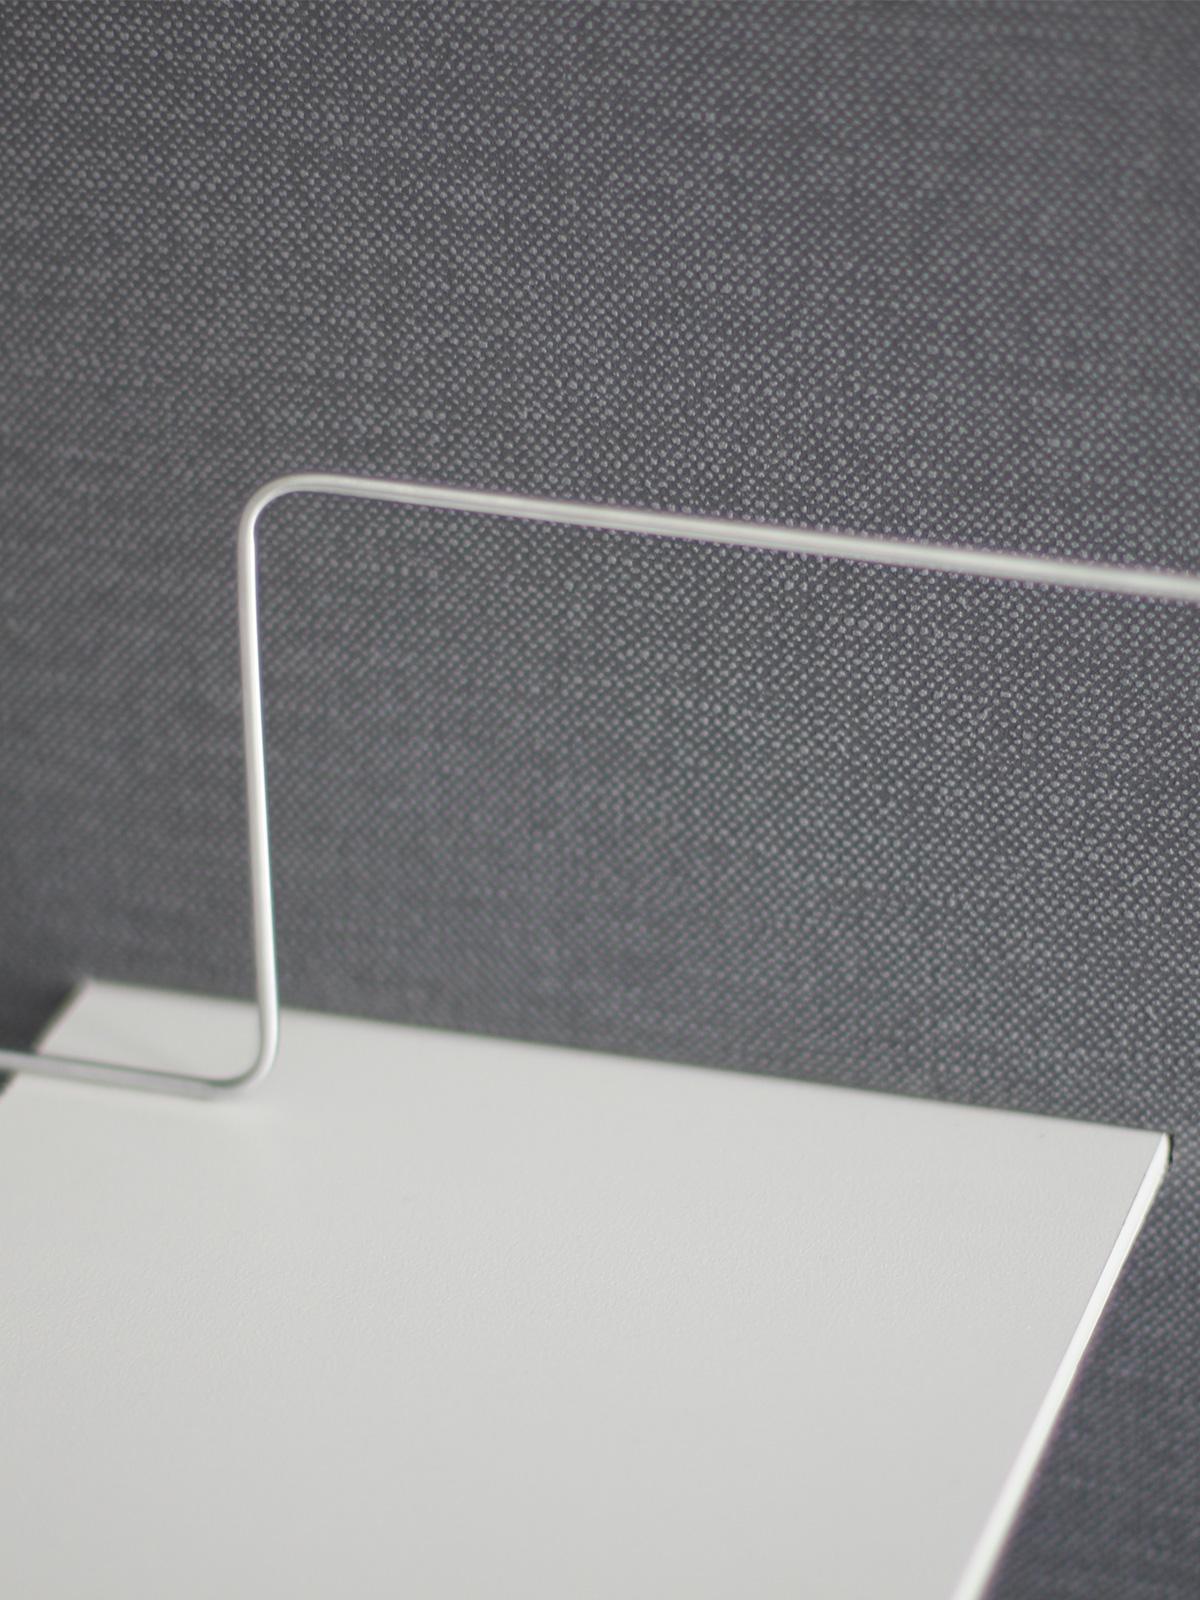 Klemmlampe Tischleuchte C Lamp roomsafari Design aus Berlin